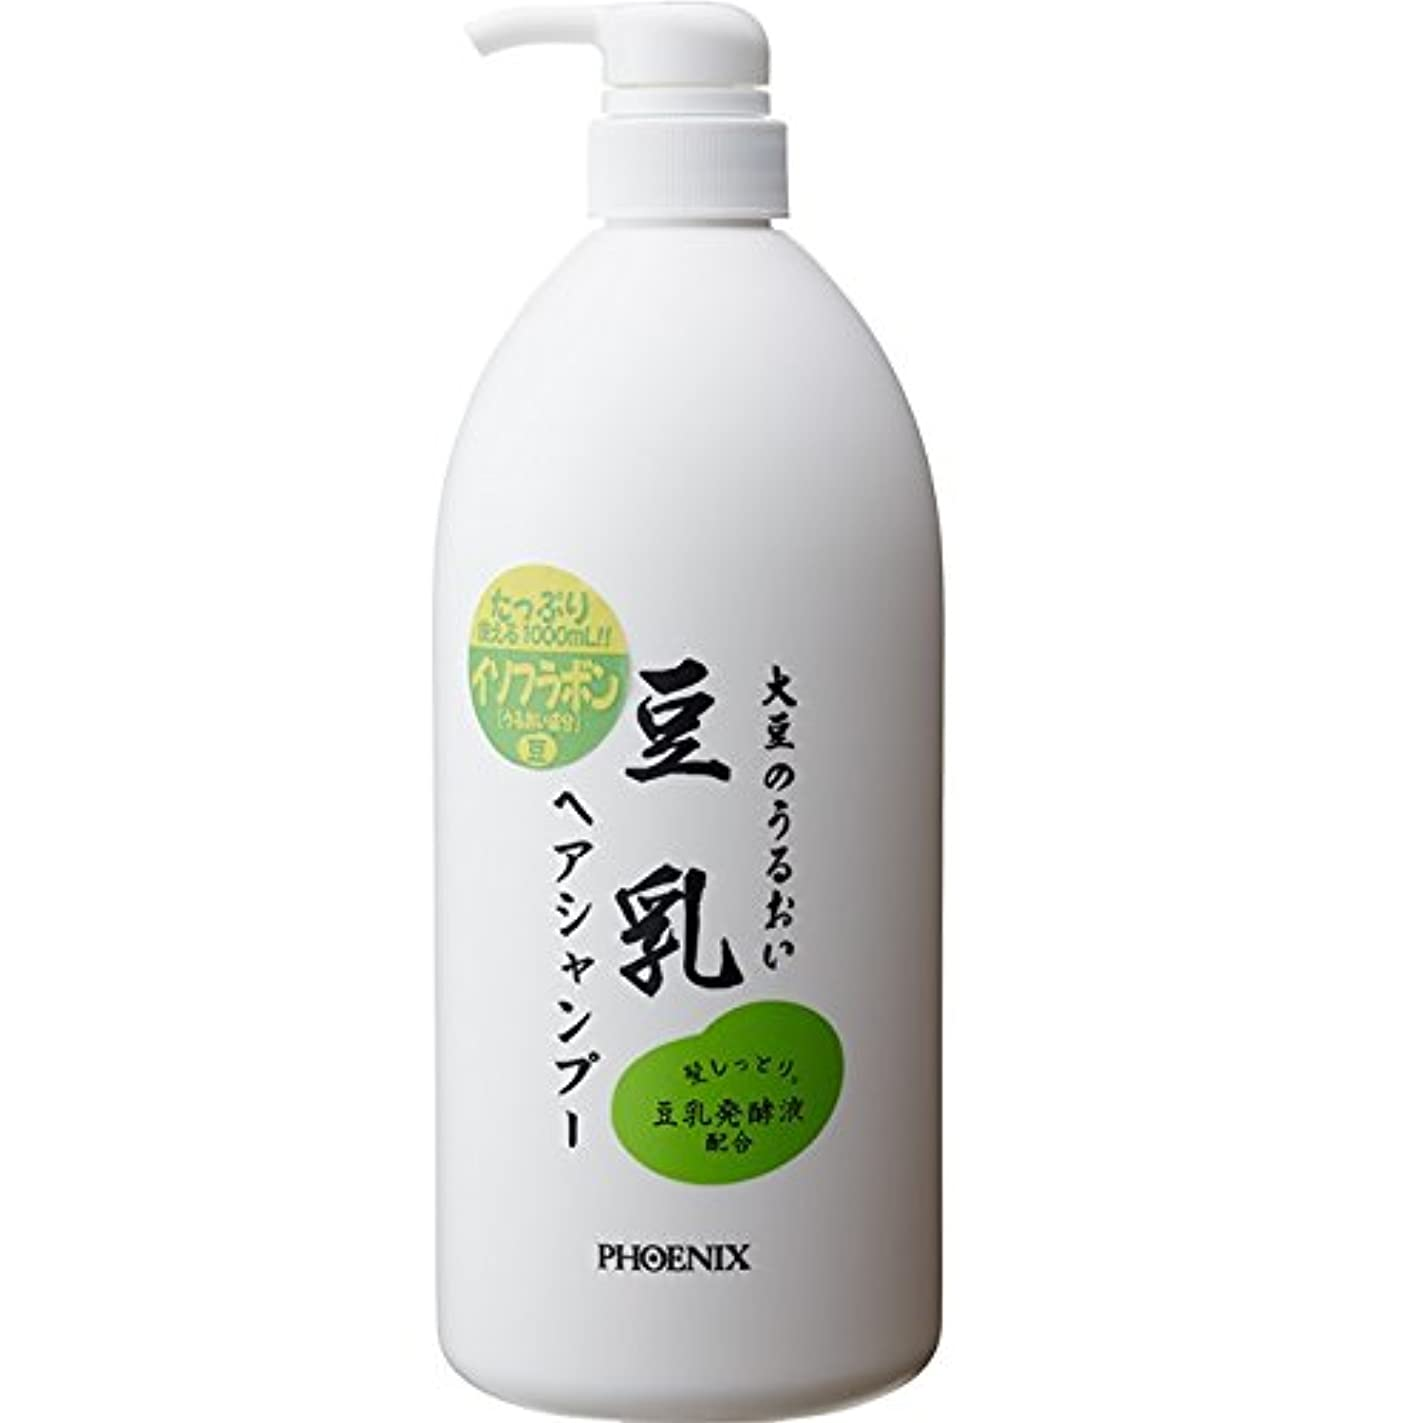 挑むくしゃみオアシス【ケース販売】豆乳ヘアシャンプー 1L×10本